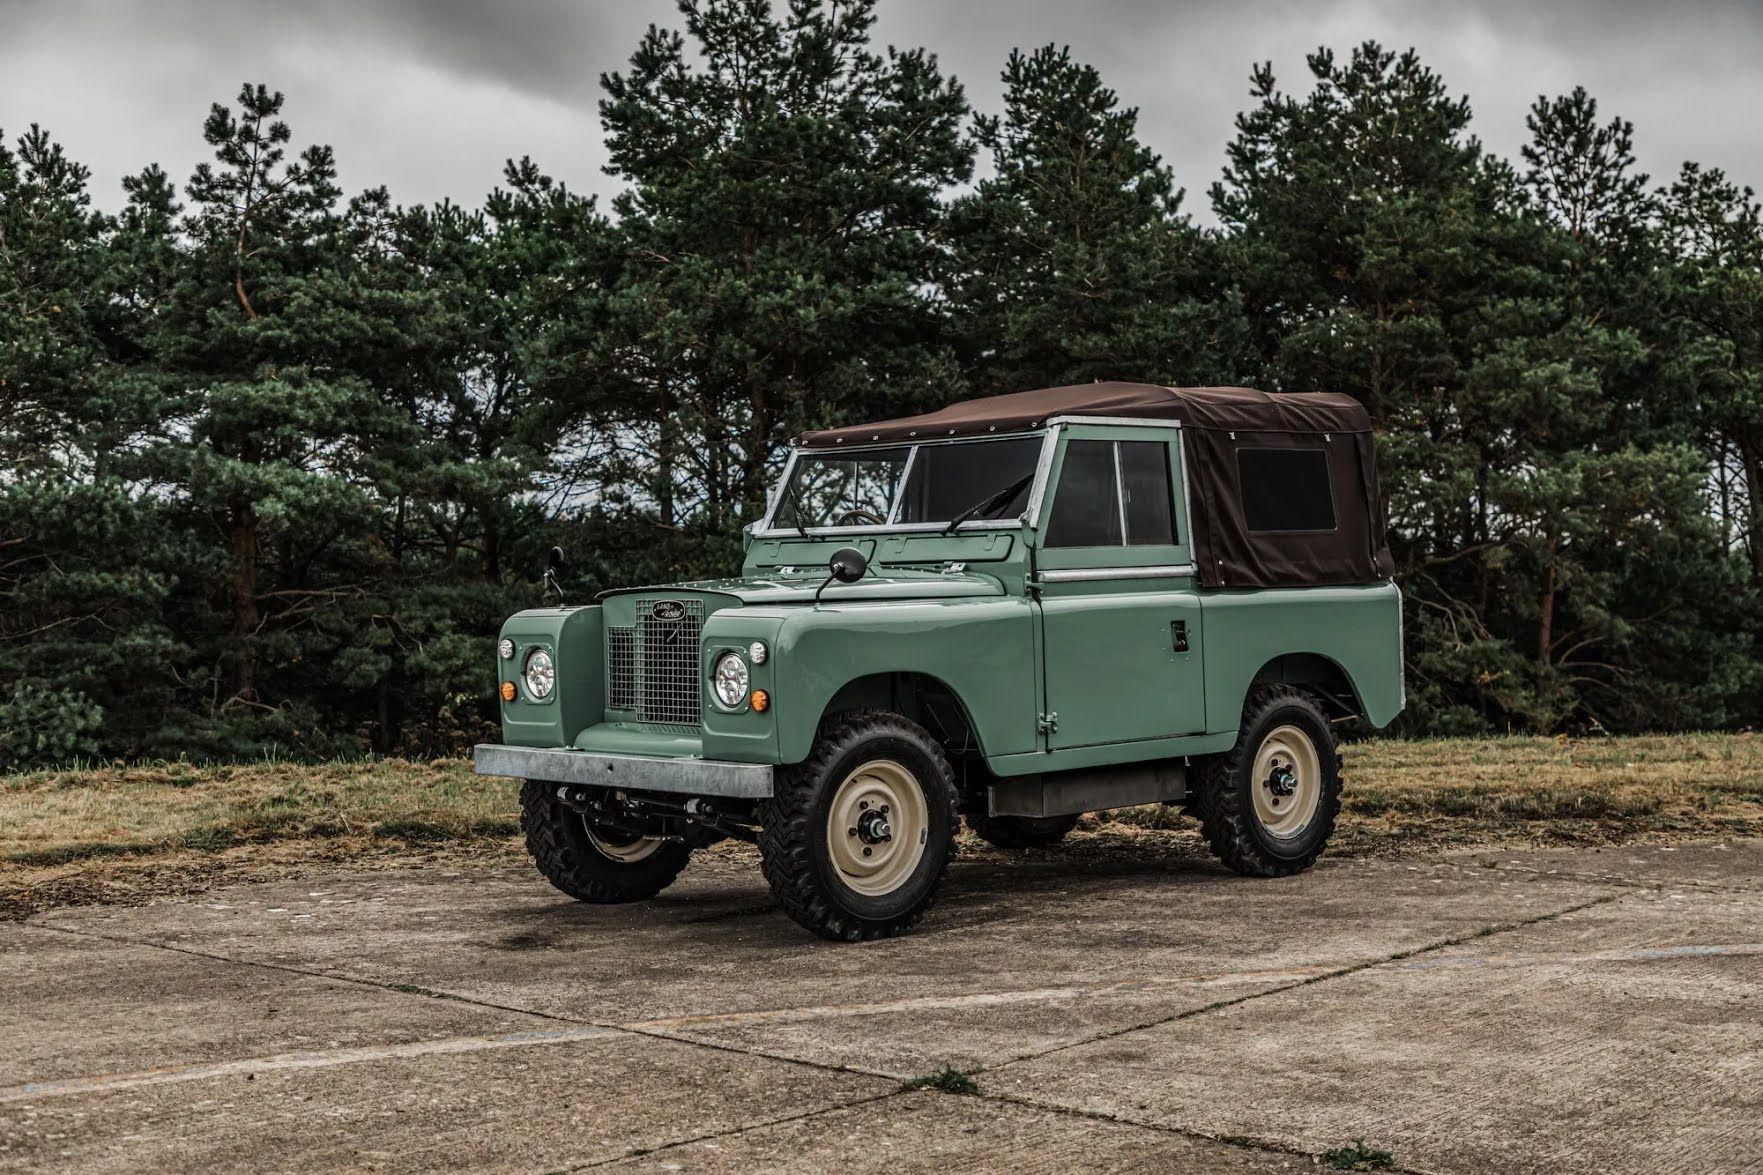 Вместо бензинового мотора Land Rover IIА Series получил электродвигатель мощностью 150 л.с.